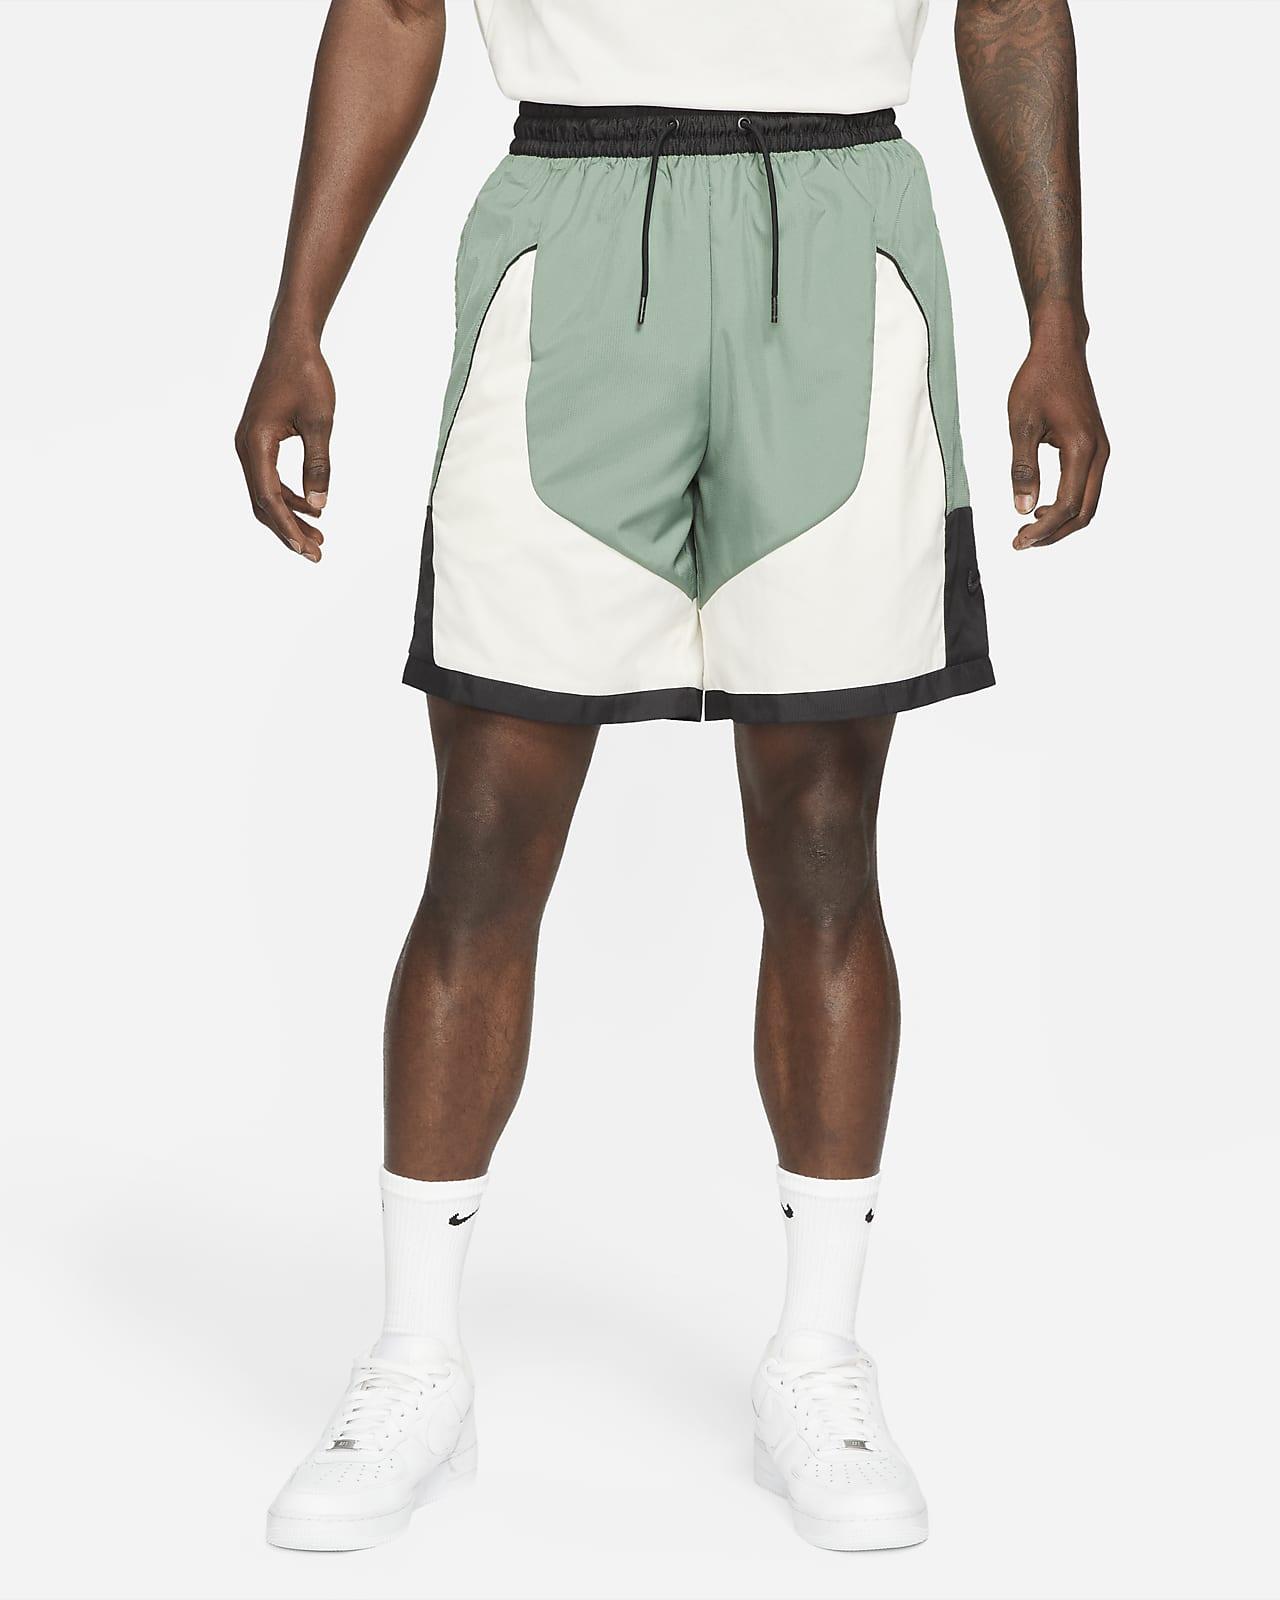 Calções de basquetebol Nike Throwback para homem